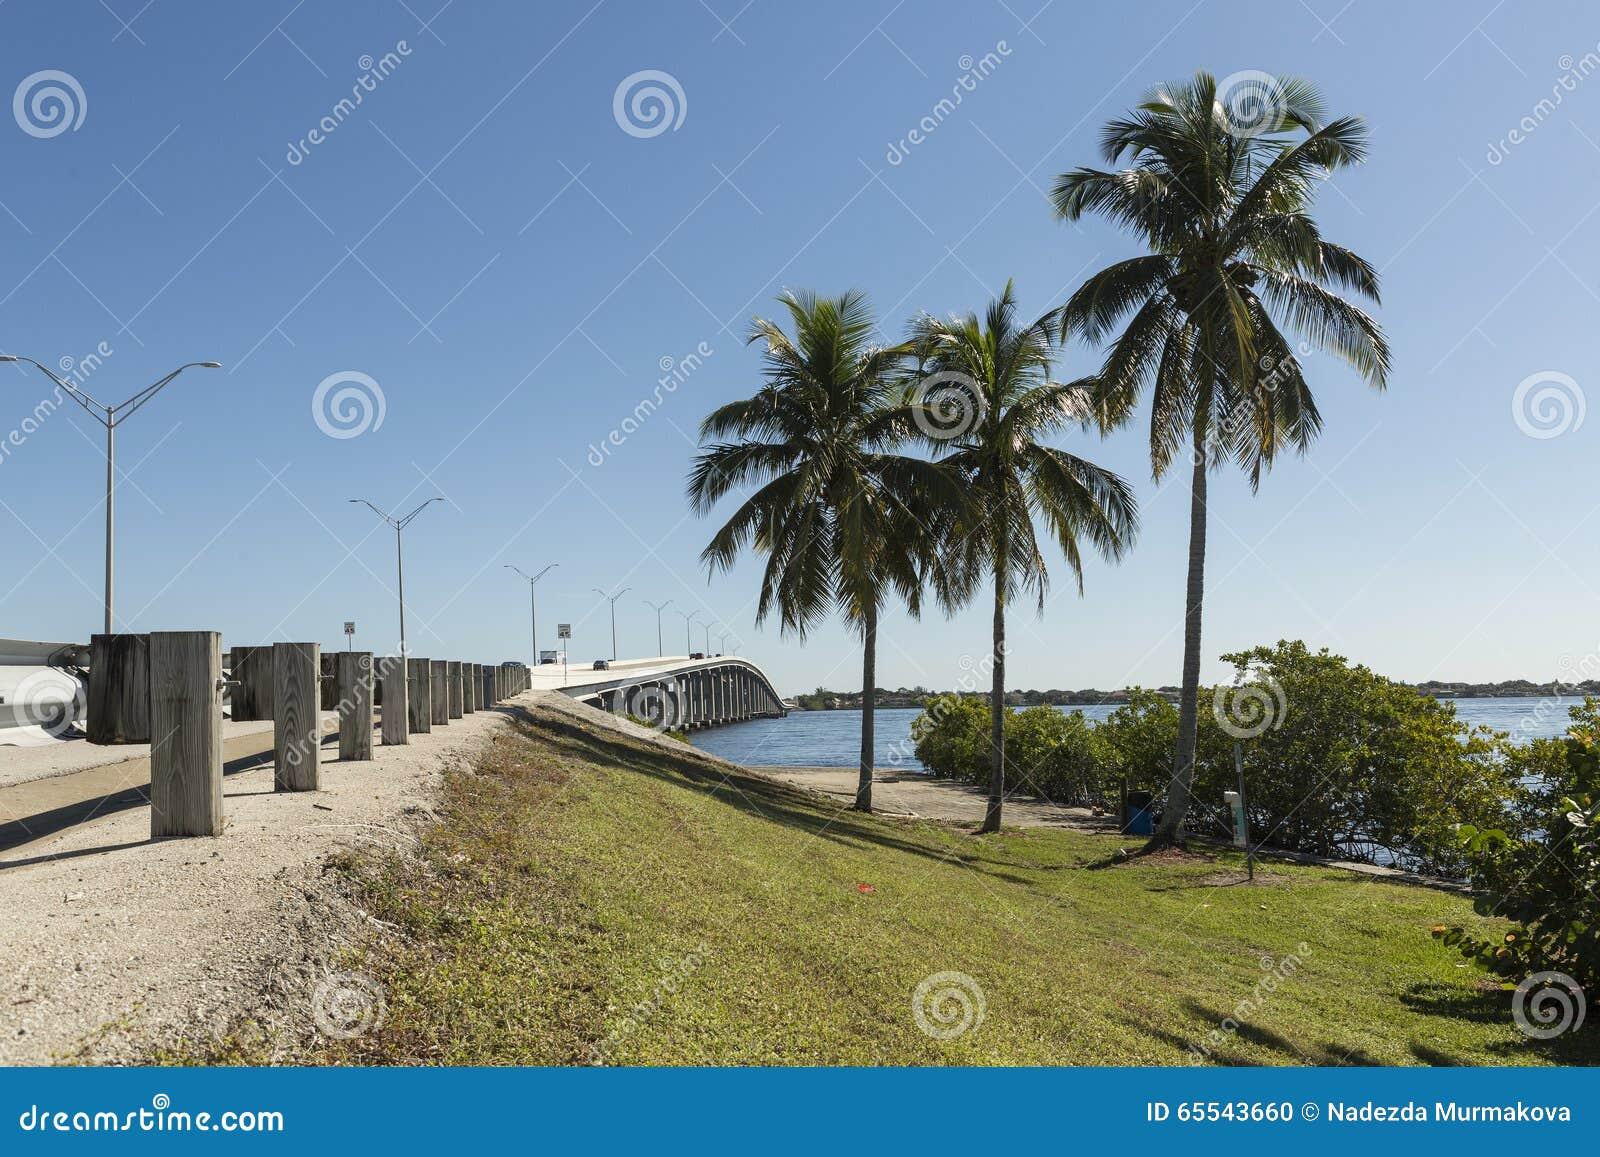 Edison Bridge in Fort Myers, Südwesten Florida